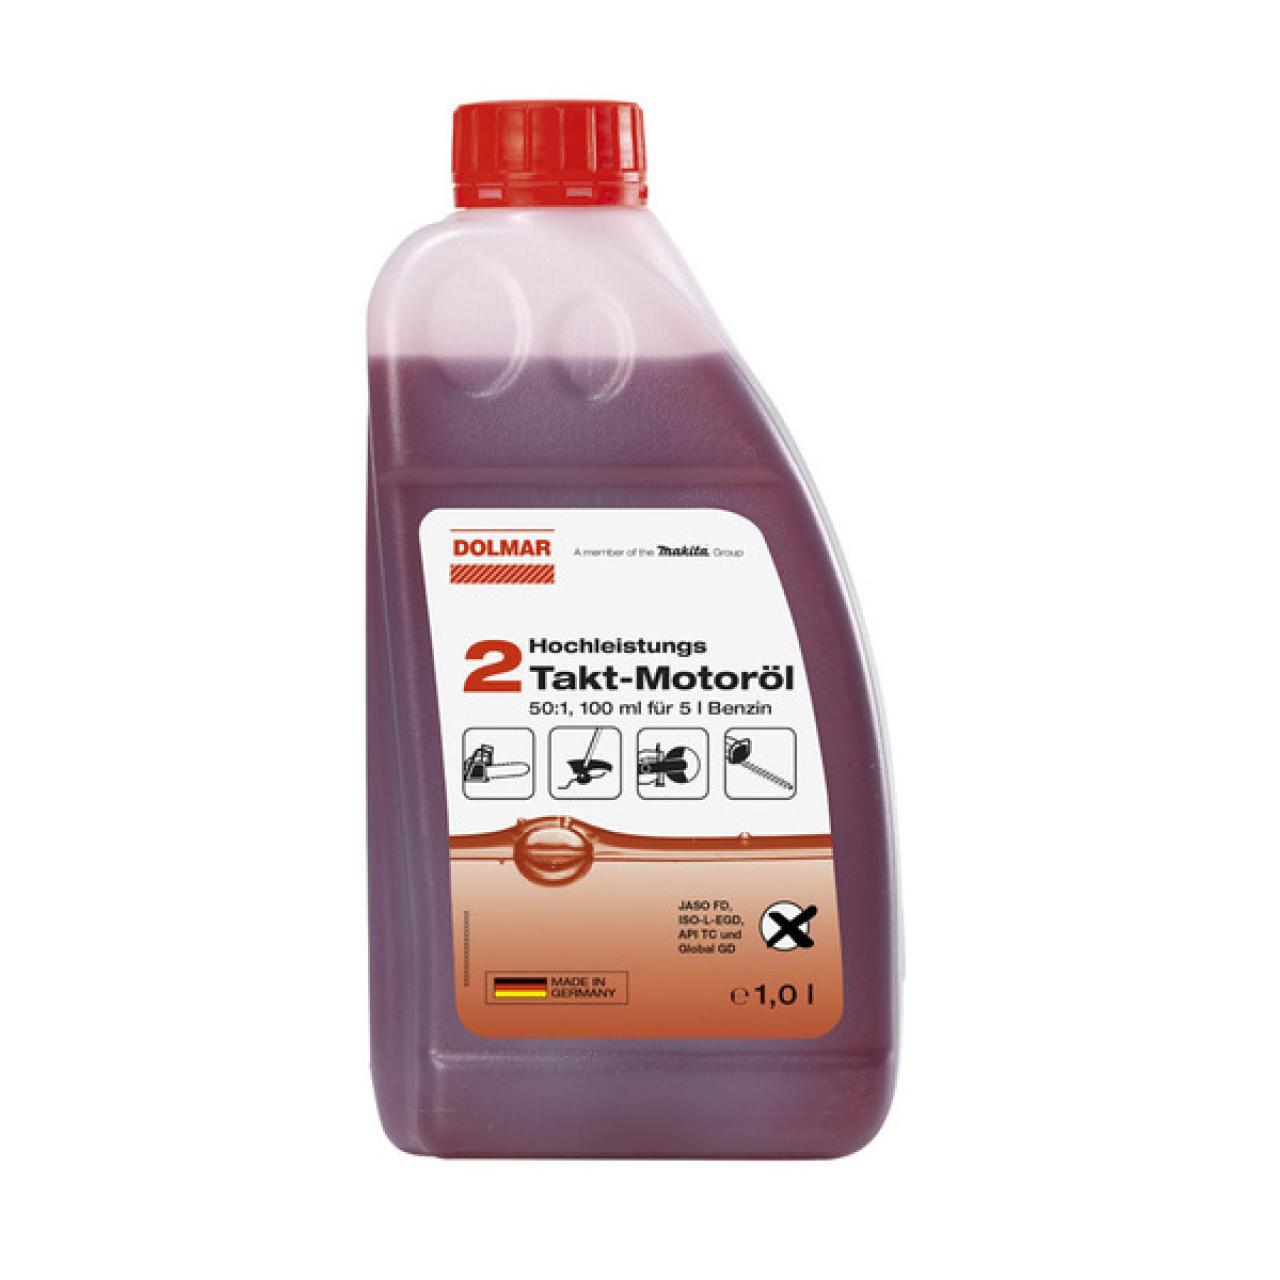 Hochleistungs-2-Takt-Motoröl 100 ml